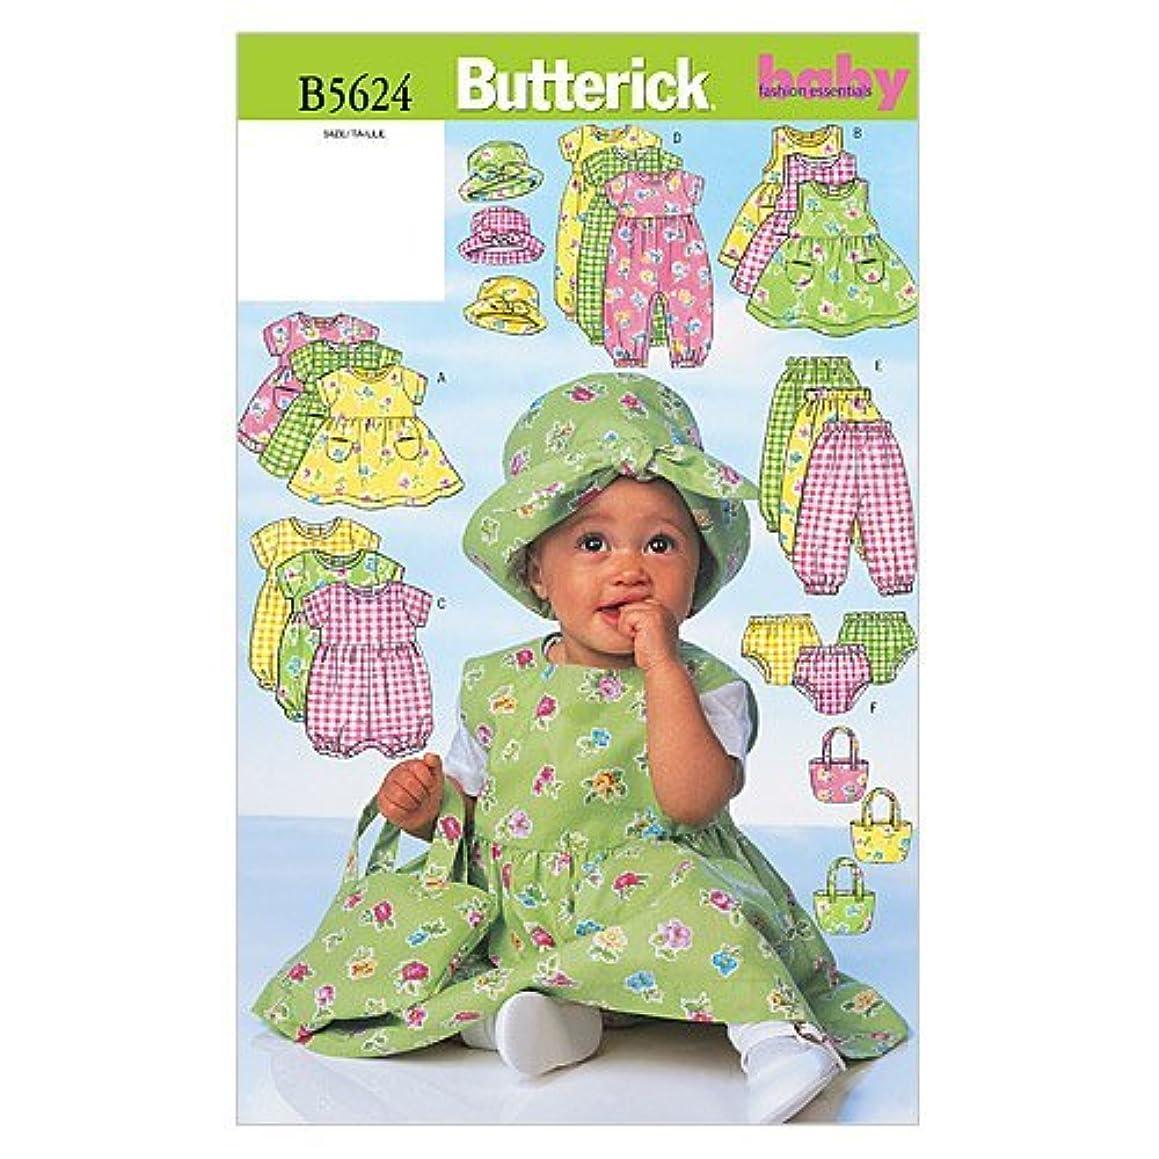 BUTTERICK PATTERNS B5624 Infants' Dress, Jumper, Romper, Jumpsuit, Panties, Hat and Bag, Size NB0 (NB-S-M)